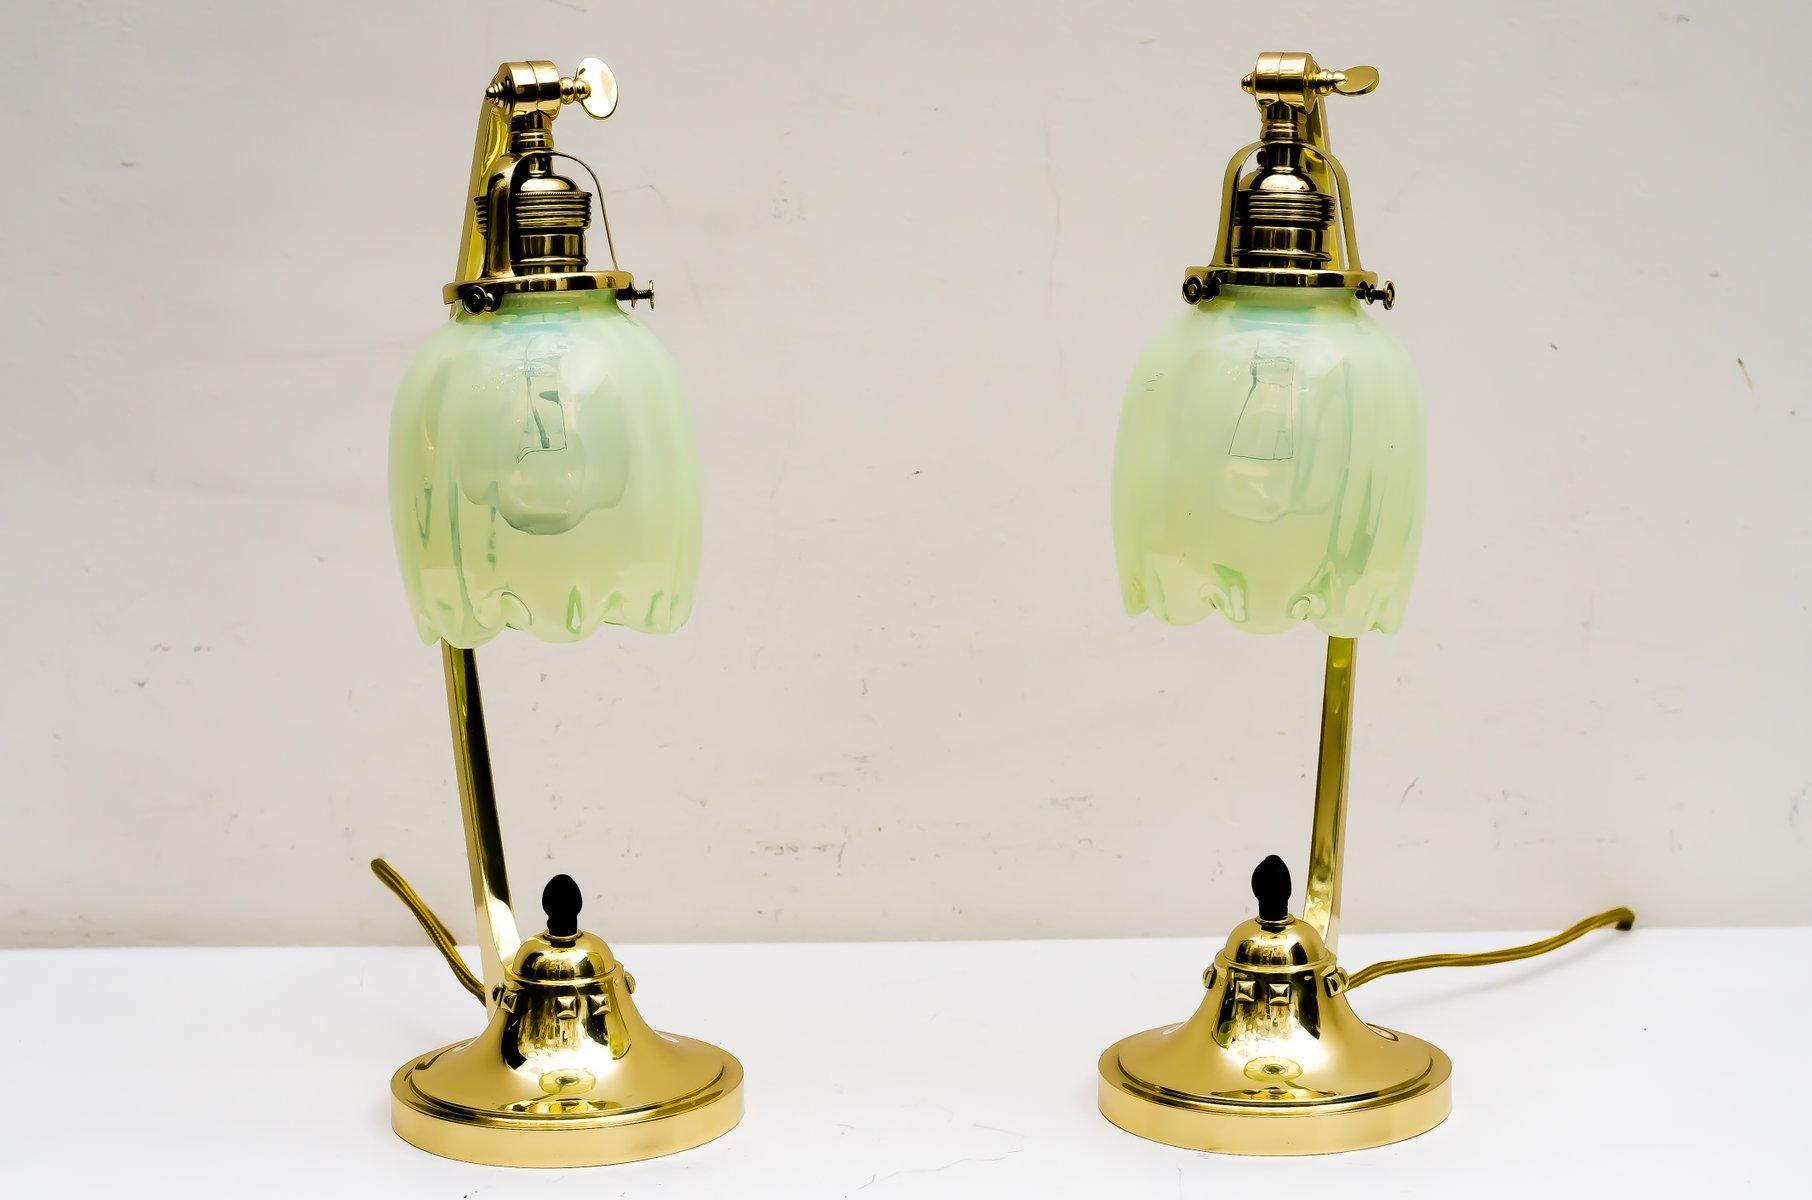 Antique art nouveau table lamps with opaline glass shades 1909 set antique art nouveau table lamps with opaline glass shades 1909 set of 2 aloadofball Gallery